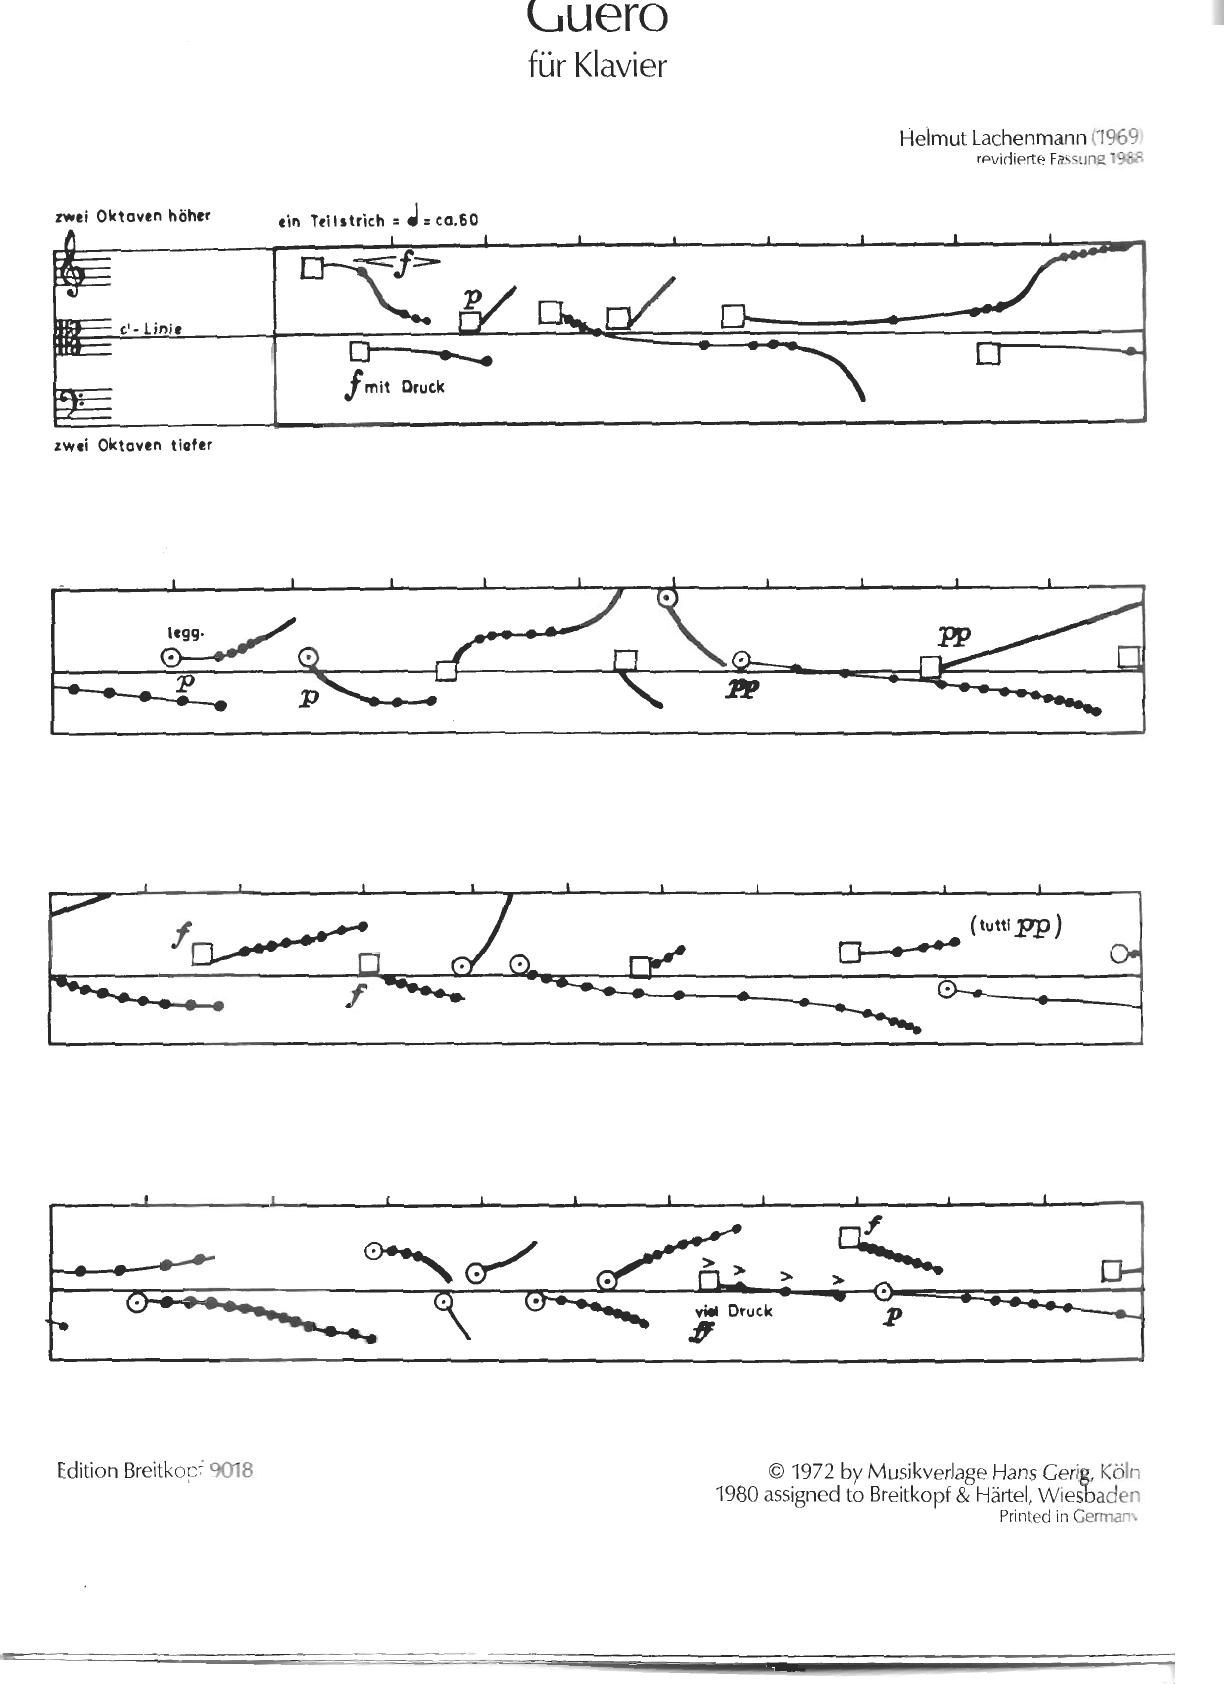 Фрагмент партитуры фортепианной пьесы Guero Хельмута Лахенмана